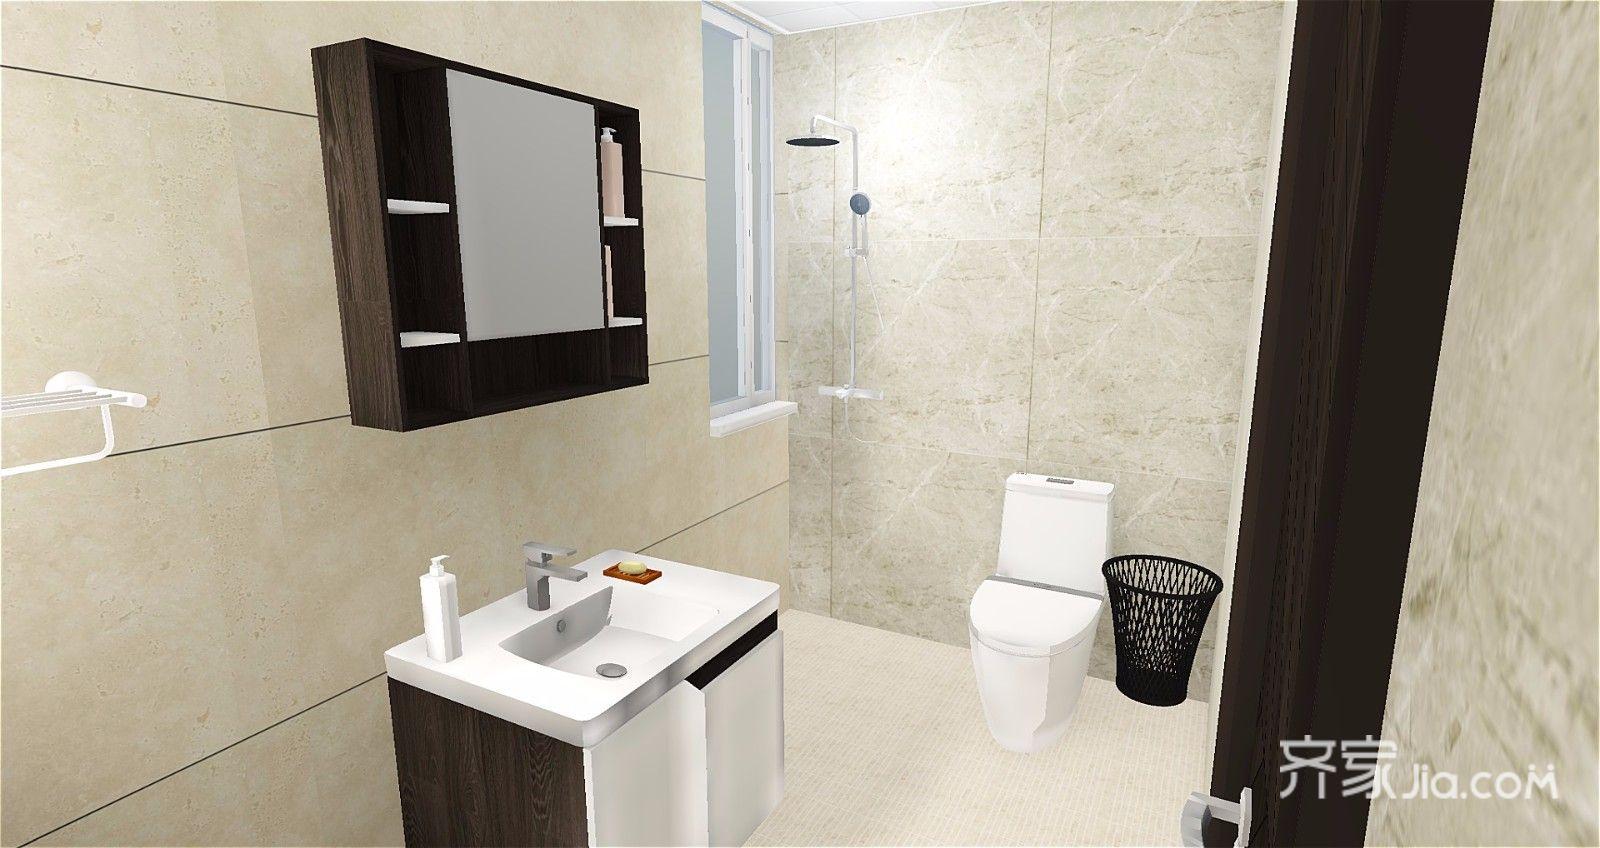 65平简约风格公寓卫生间装修效果图